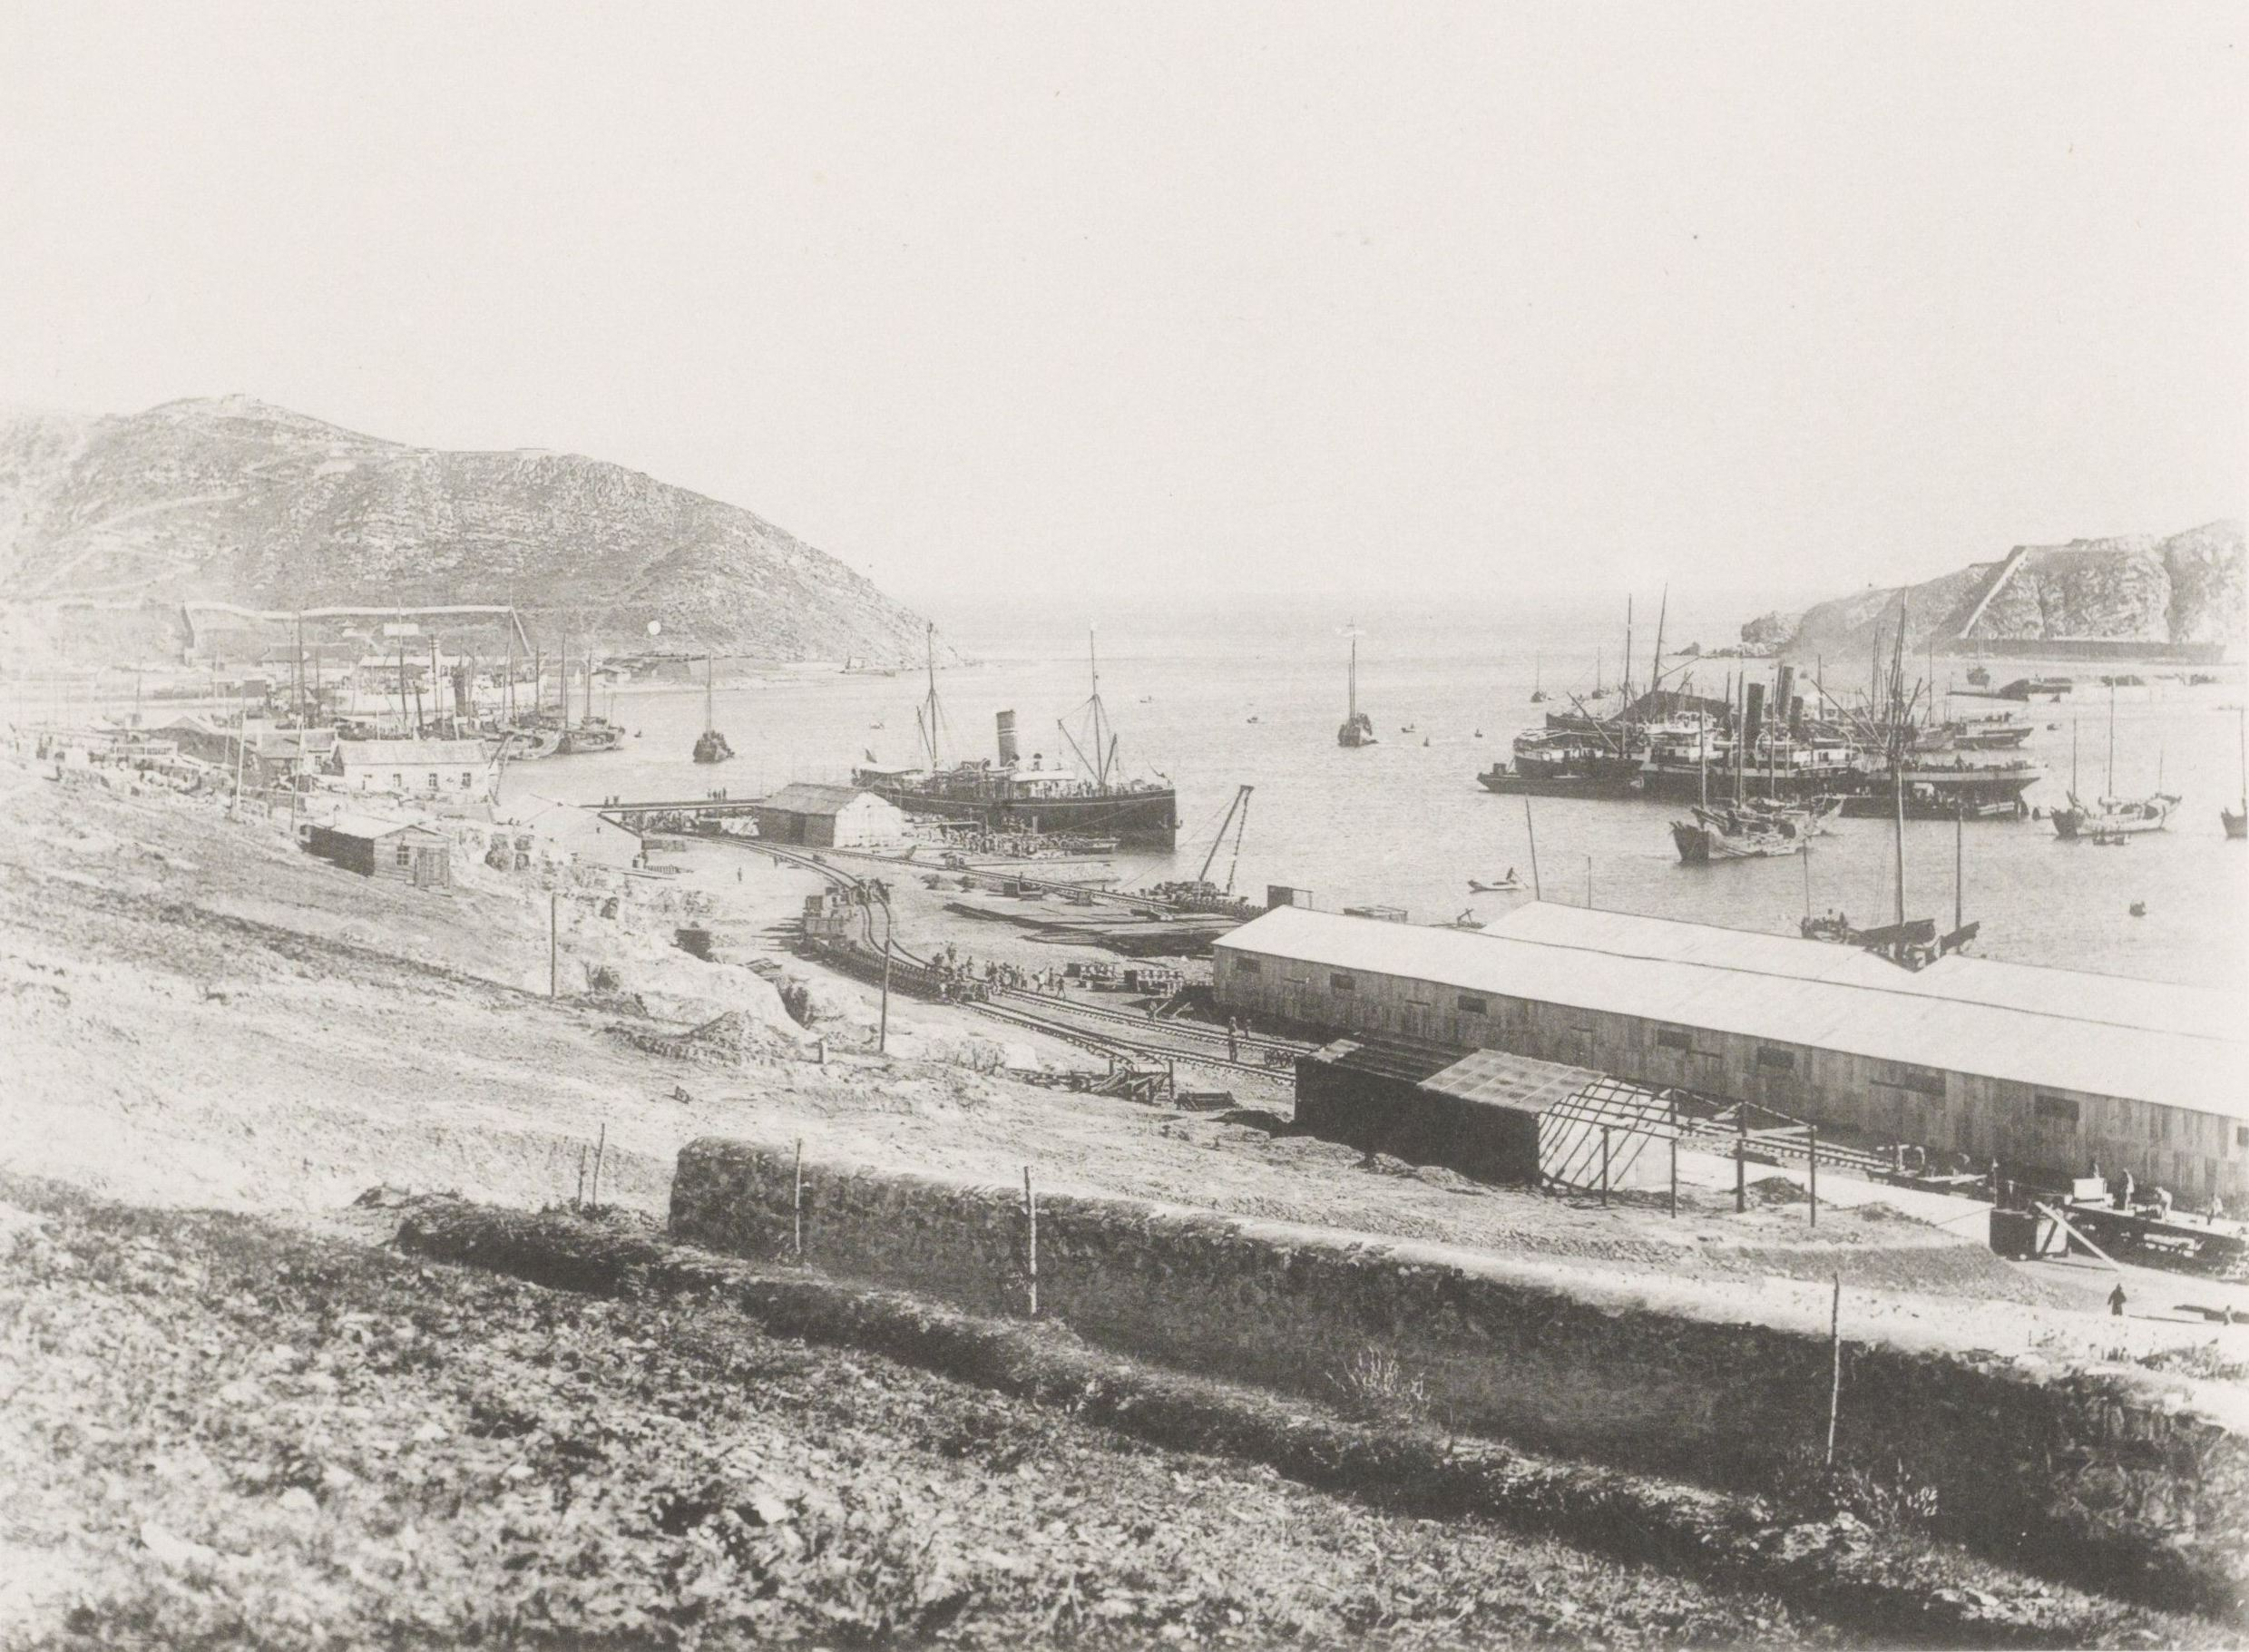 Вид Восточно-Китайской железной дороги в Порт-Артуре